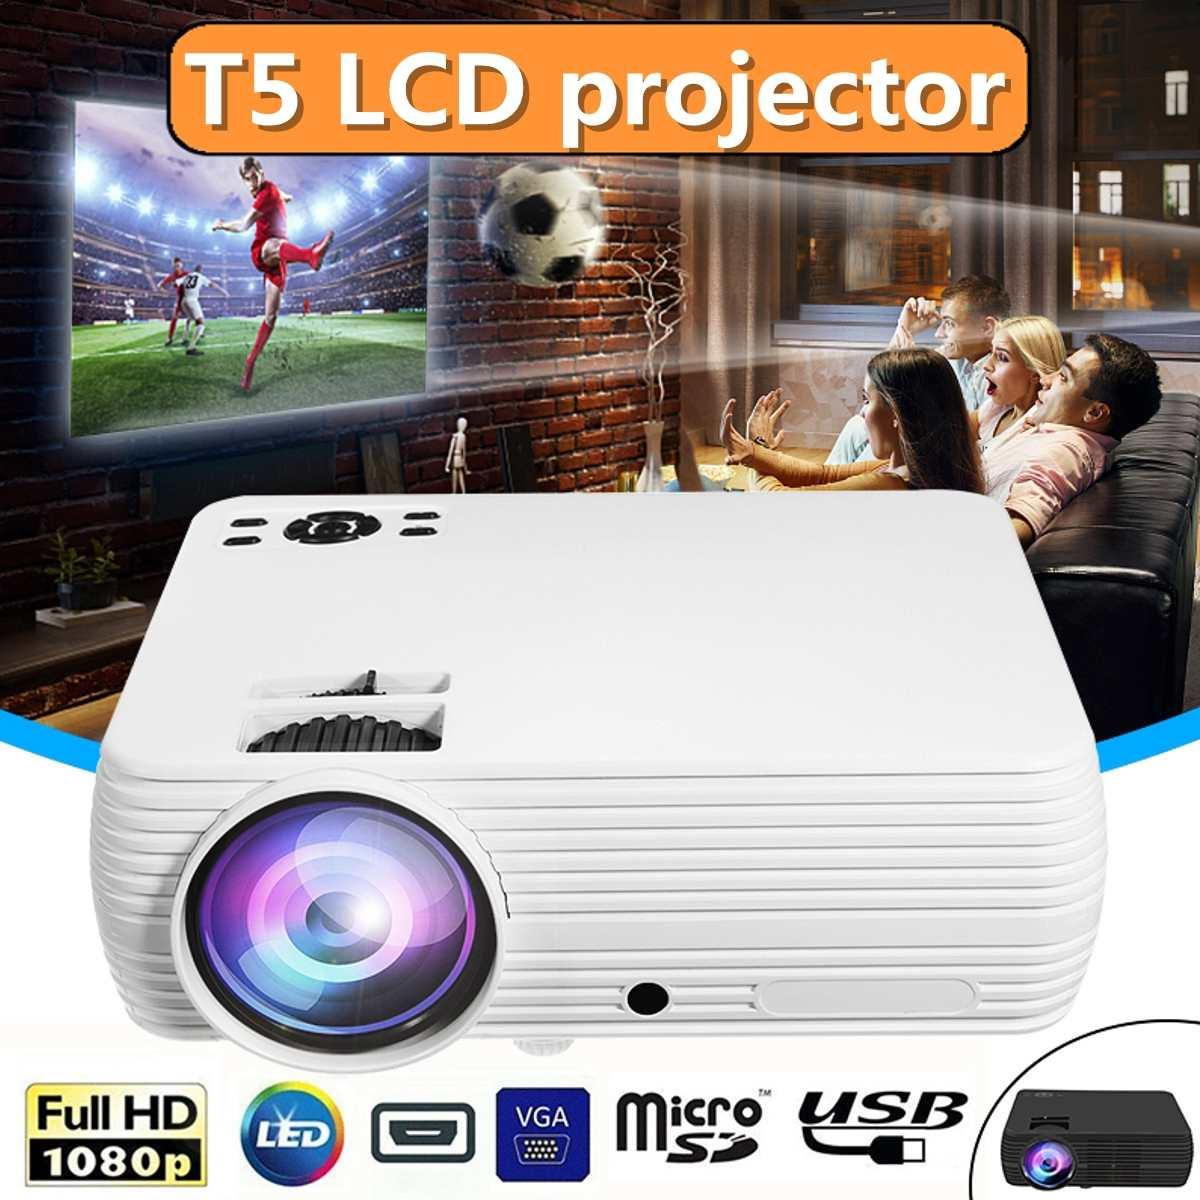 7000 Lumens projecteur Android 6.0.1 Wifi sans fil affichage Home cinéma Proyector soutien Full HD 1080P 4K vidéo avec HDMI - 1